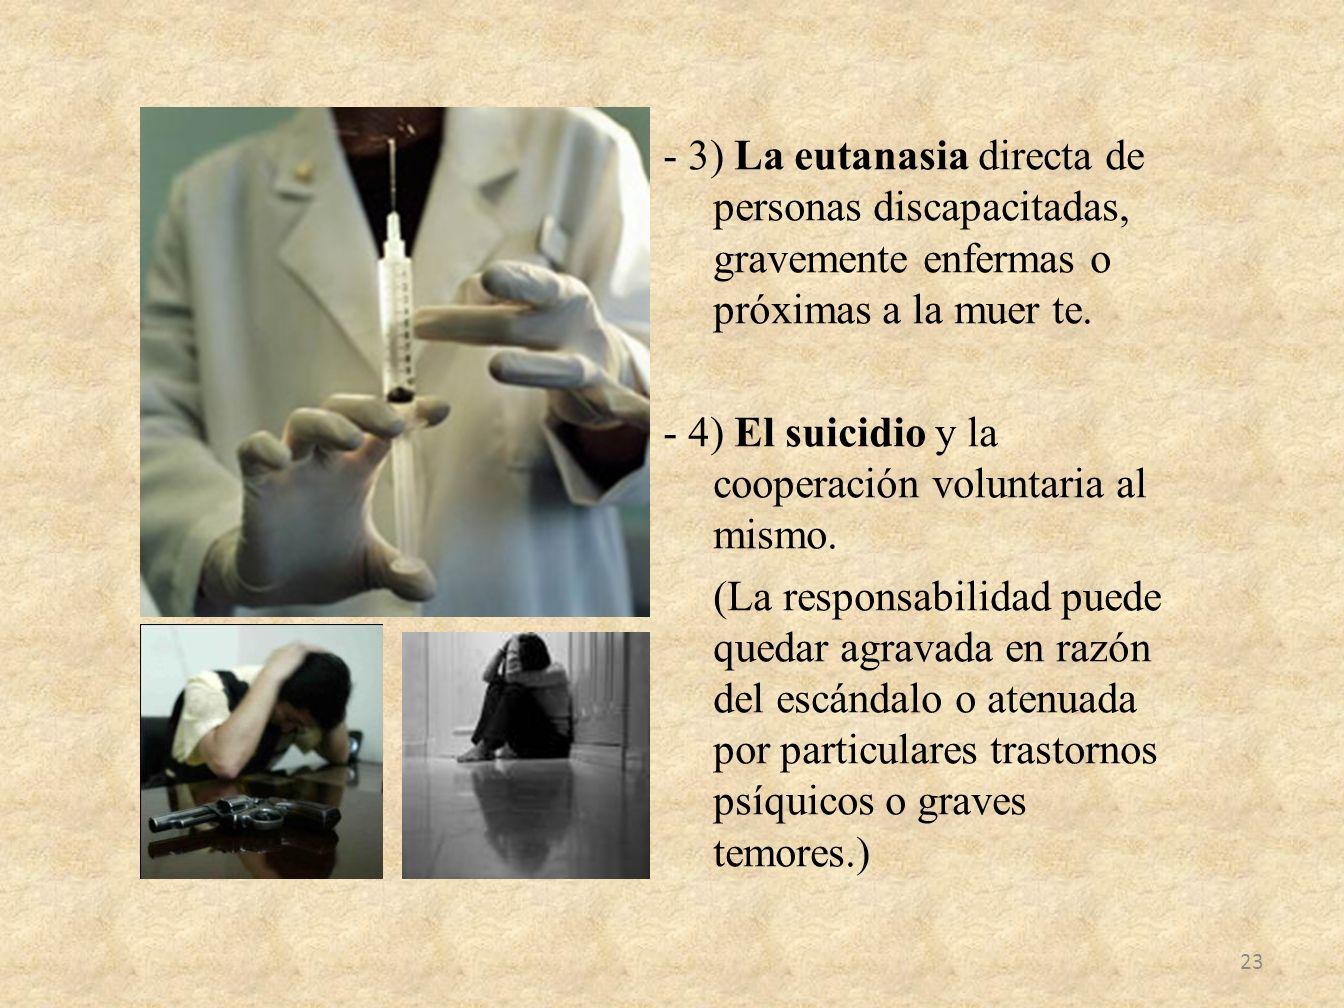 - 3) La eutanasia directa de personas discapacitadas, gravemente enfermas o próximas a la muer te.